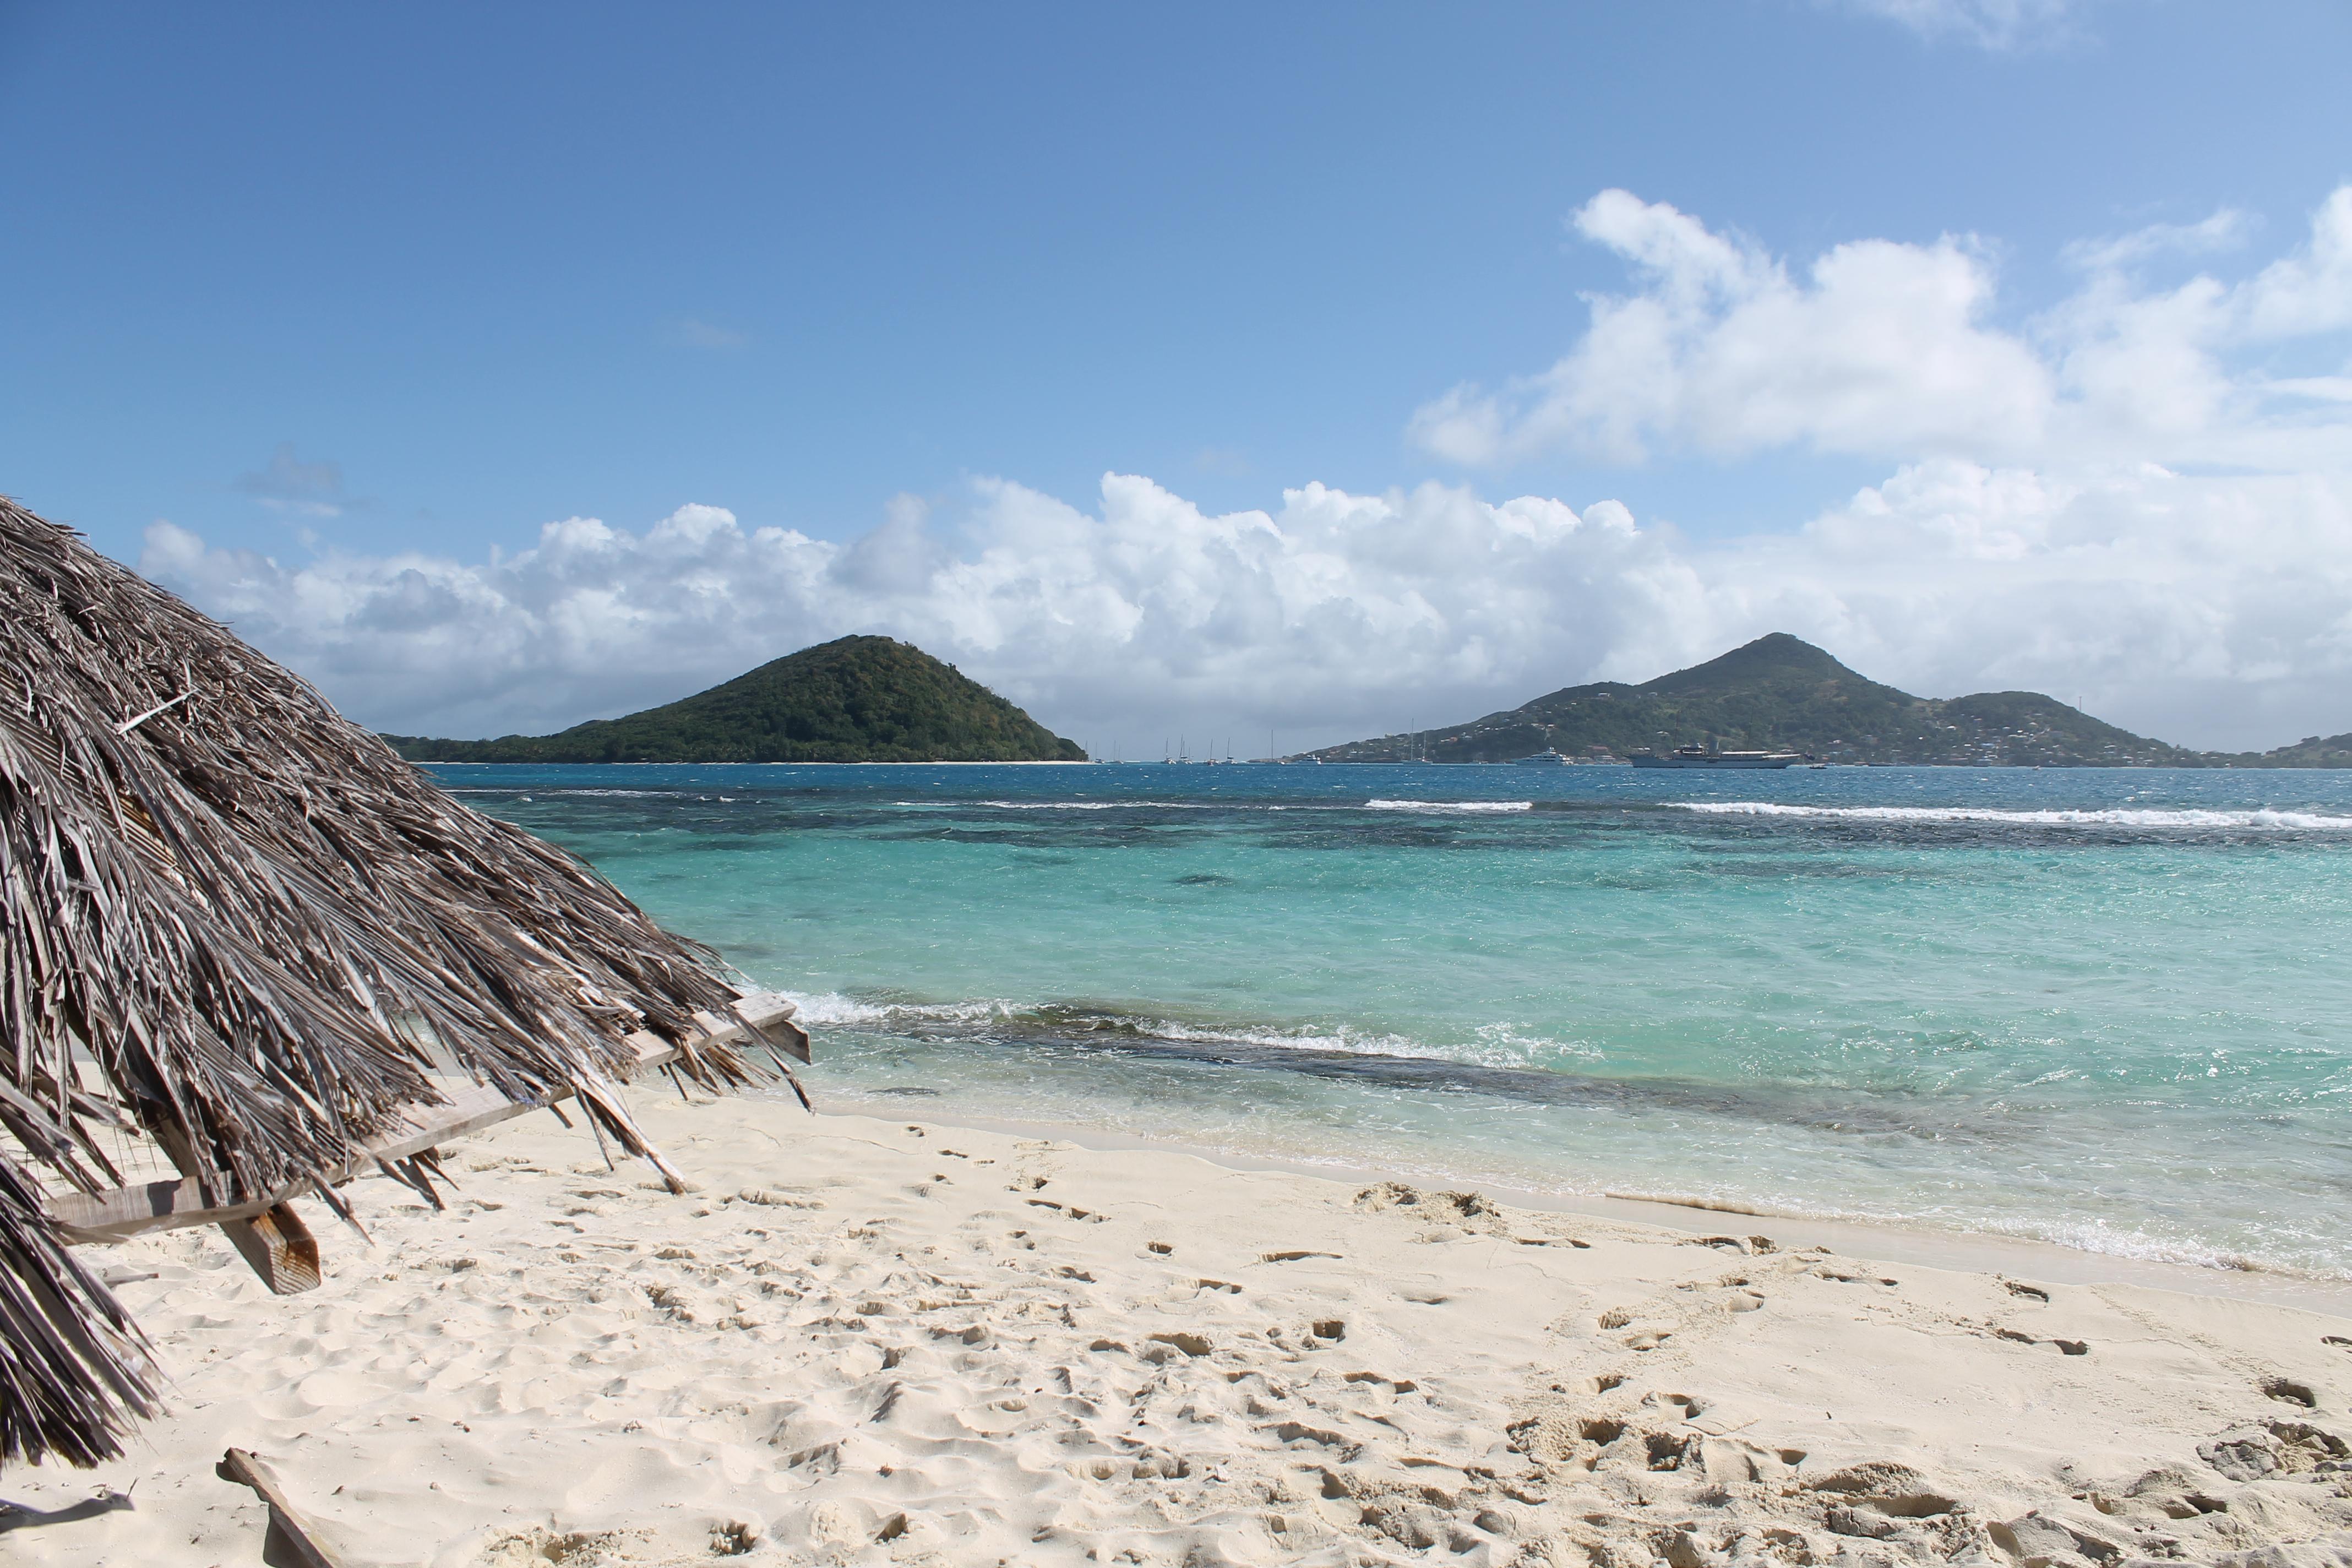 Karibischer Sand